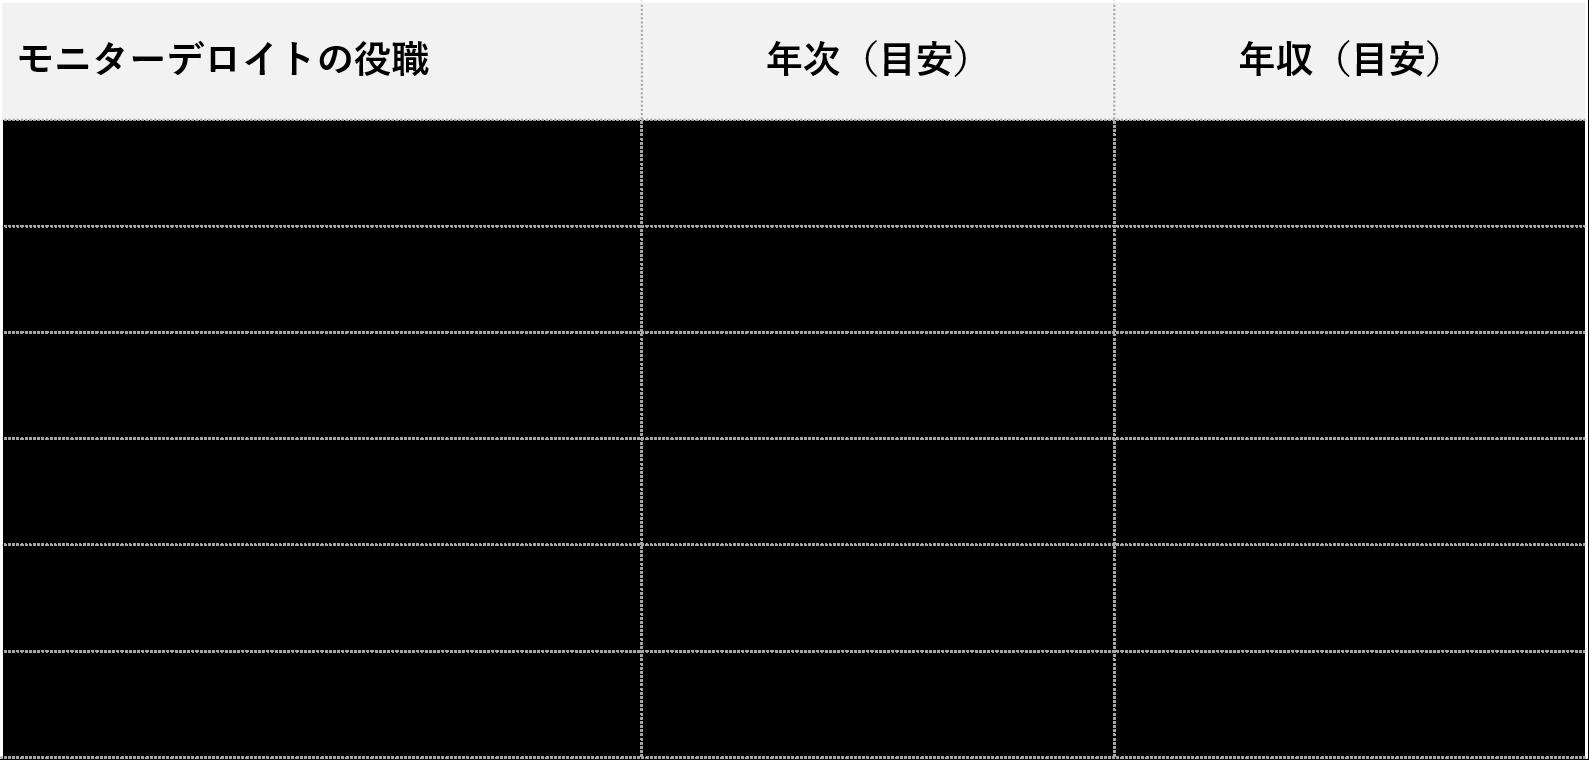 モニターデロイト_役職別年収